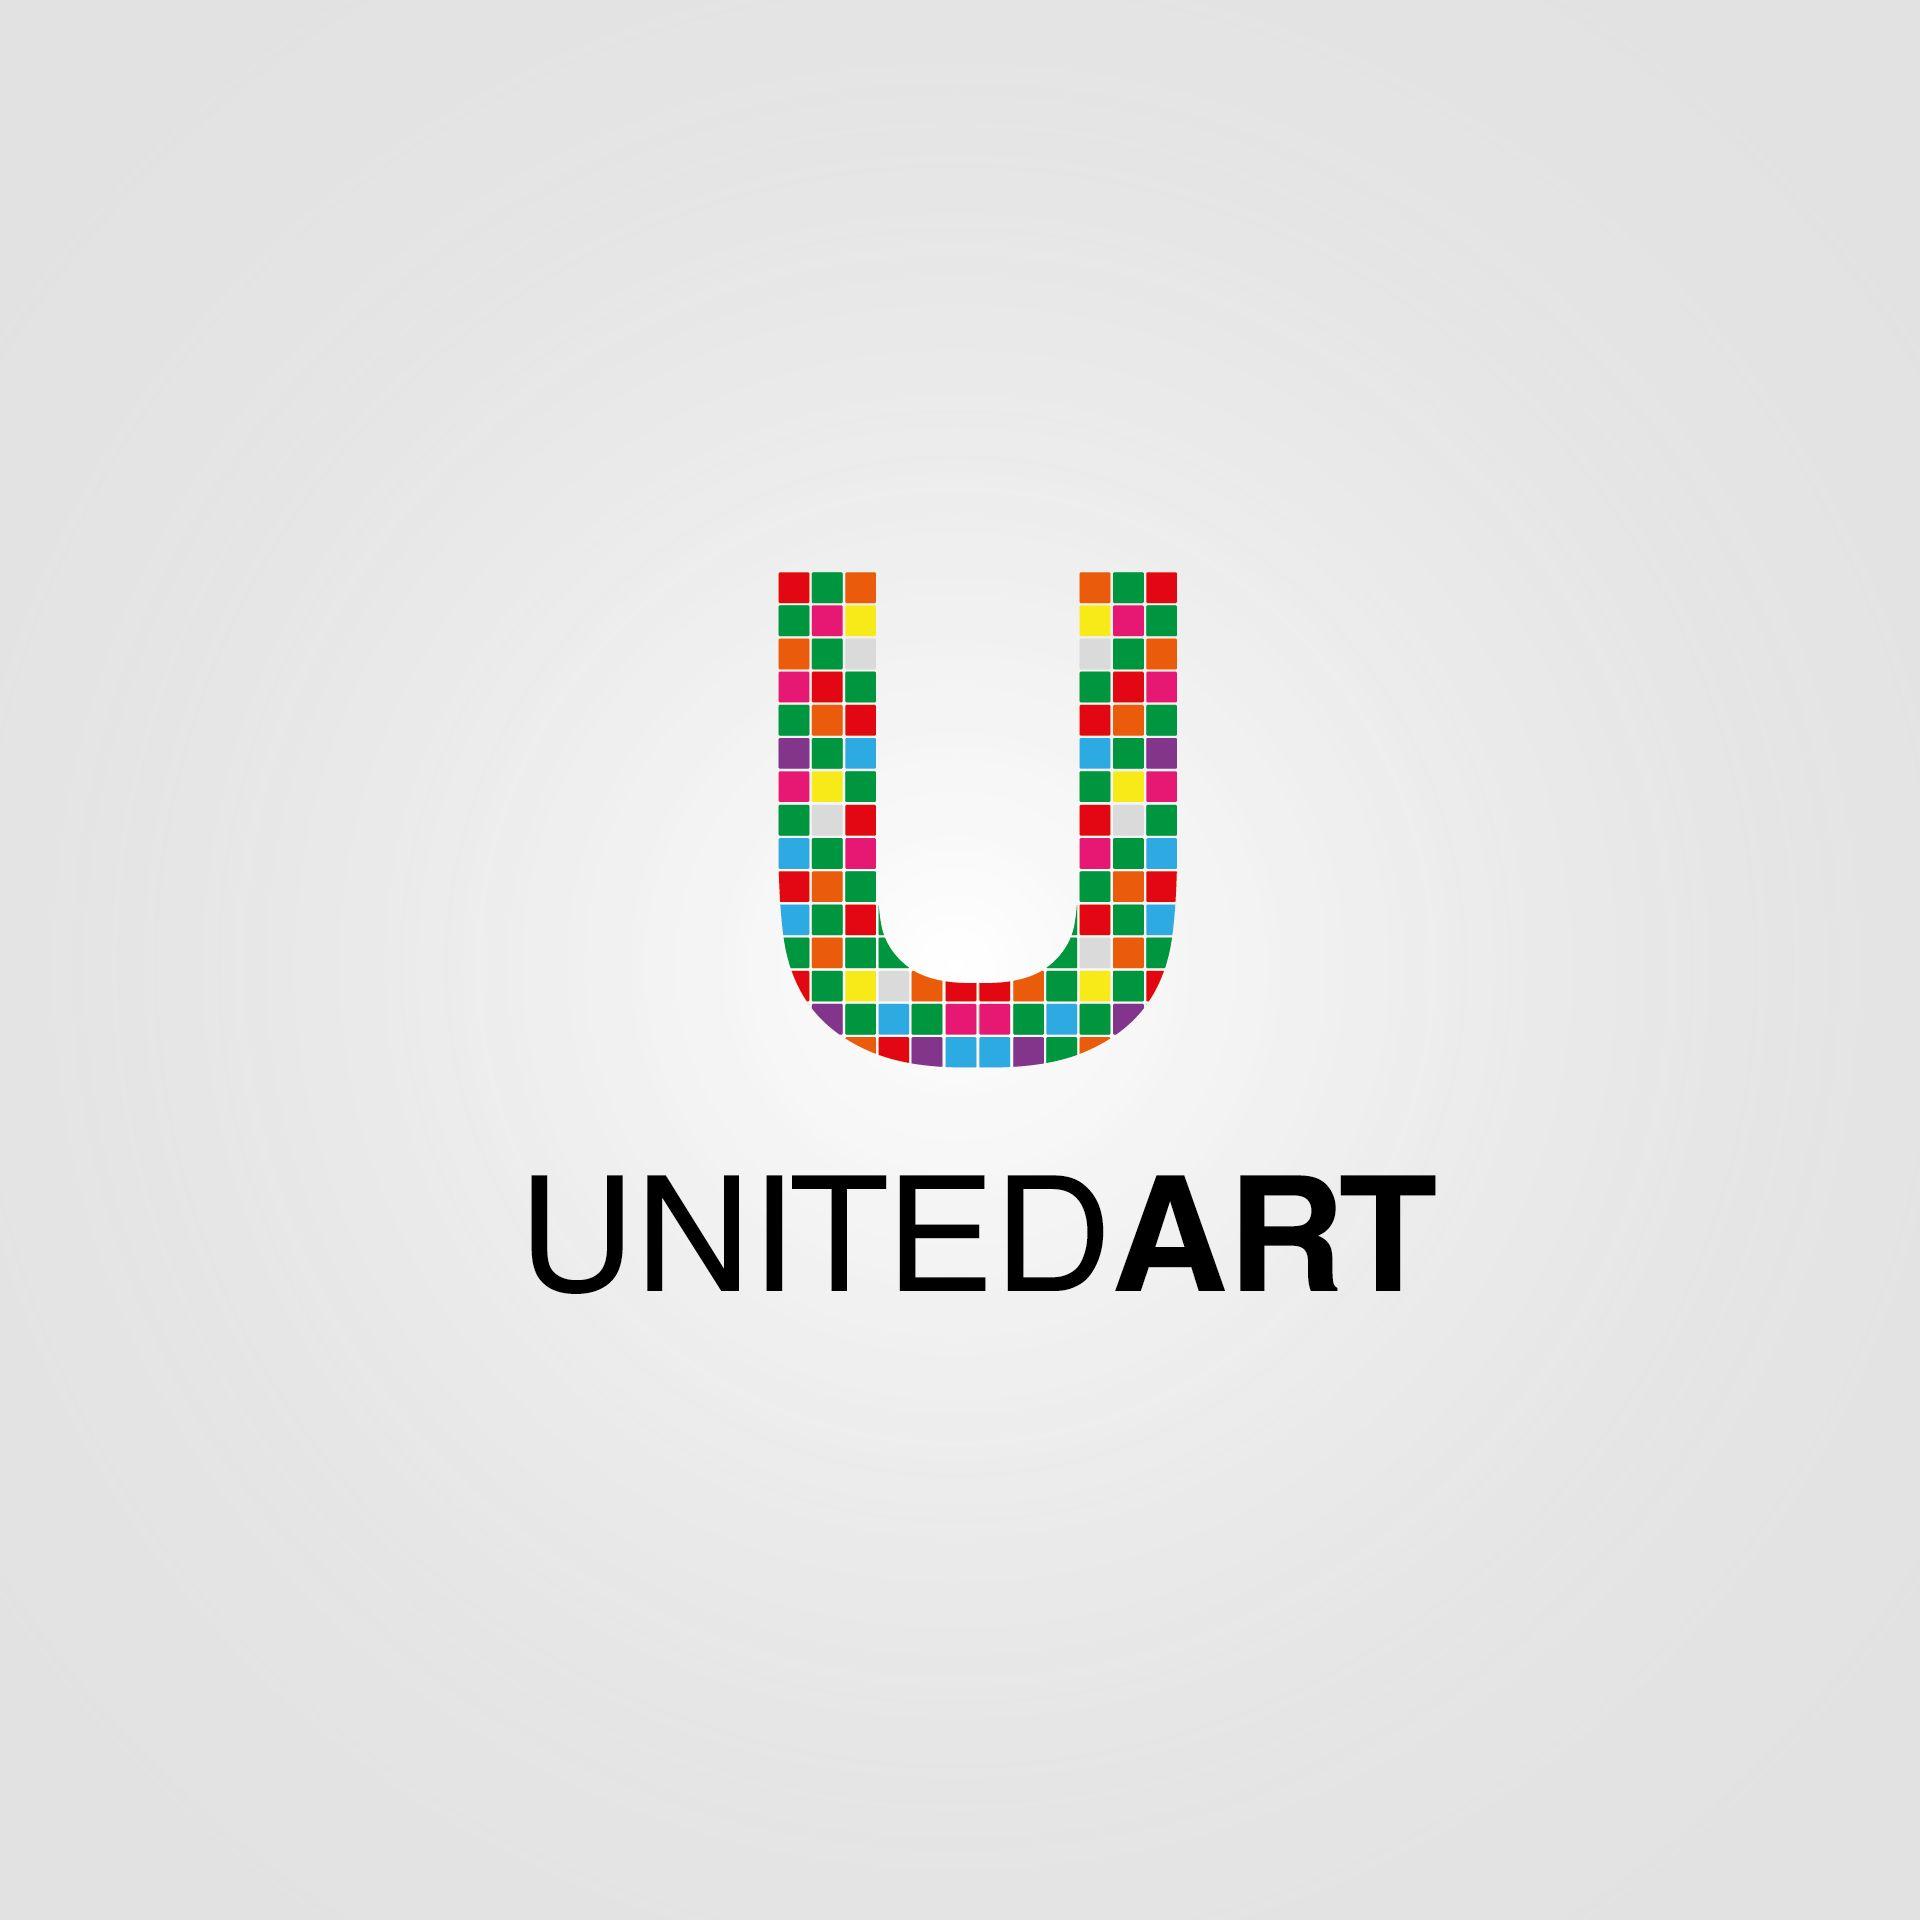 Логотип для компании United Art - дизайнер alpine-gold